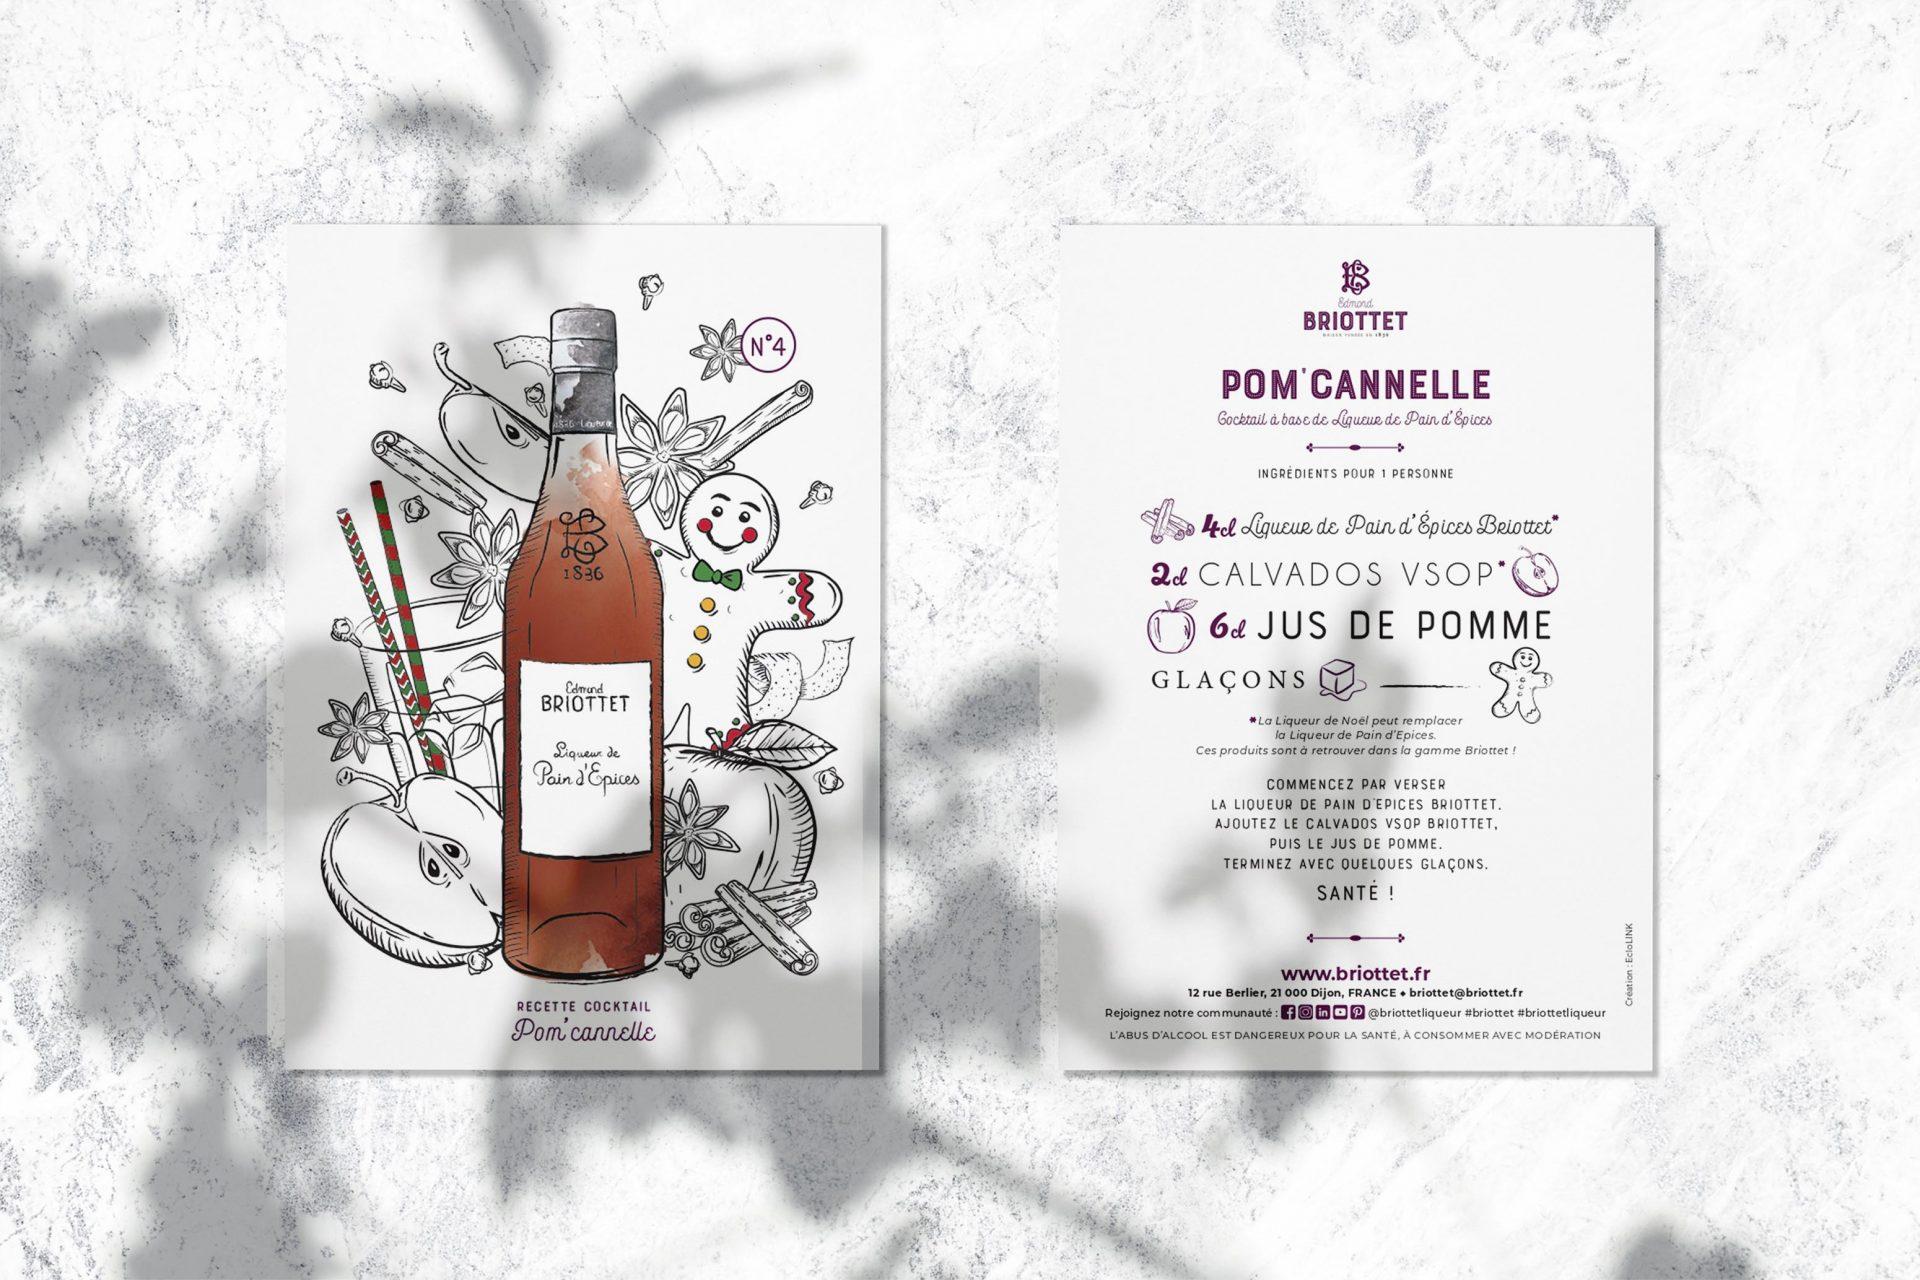 Collection de cartes recettes Briottet N°1 avec recette du Pom'Cannelle. Une recette à base de Liqueur de pain d'Épices Briottet.